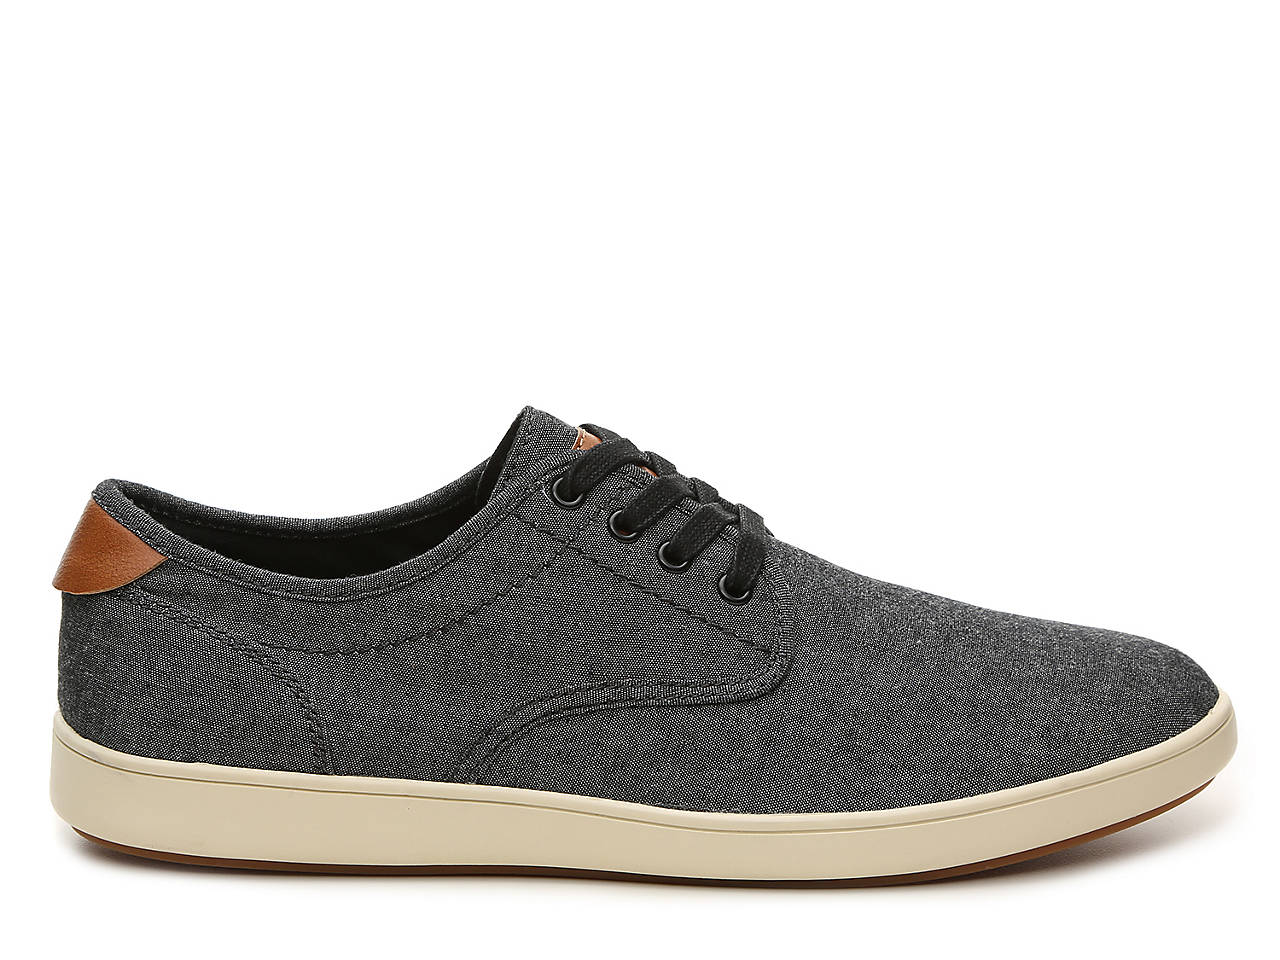 deaa78cc561 Steve Madden First Sneaker Men s Shoes